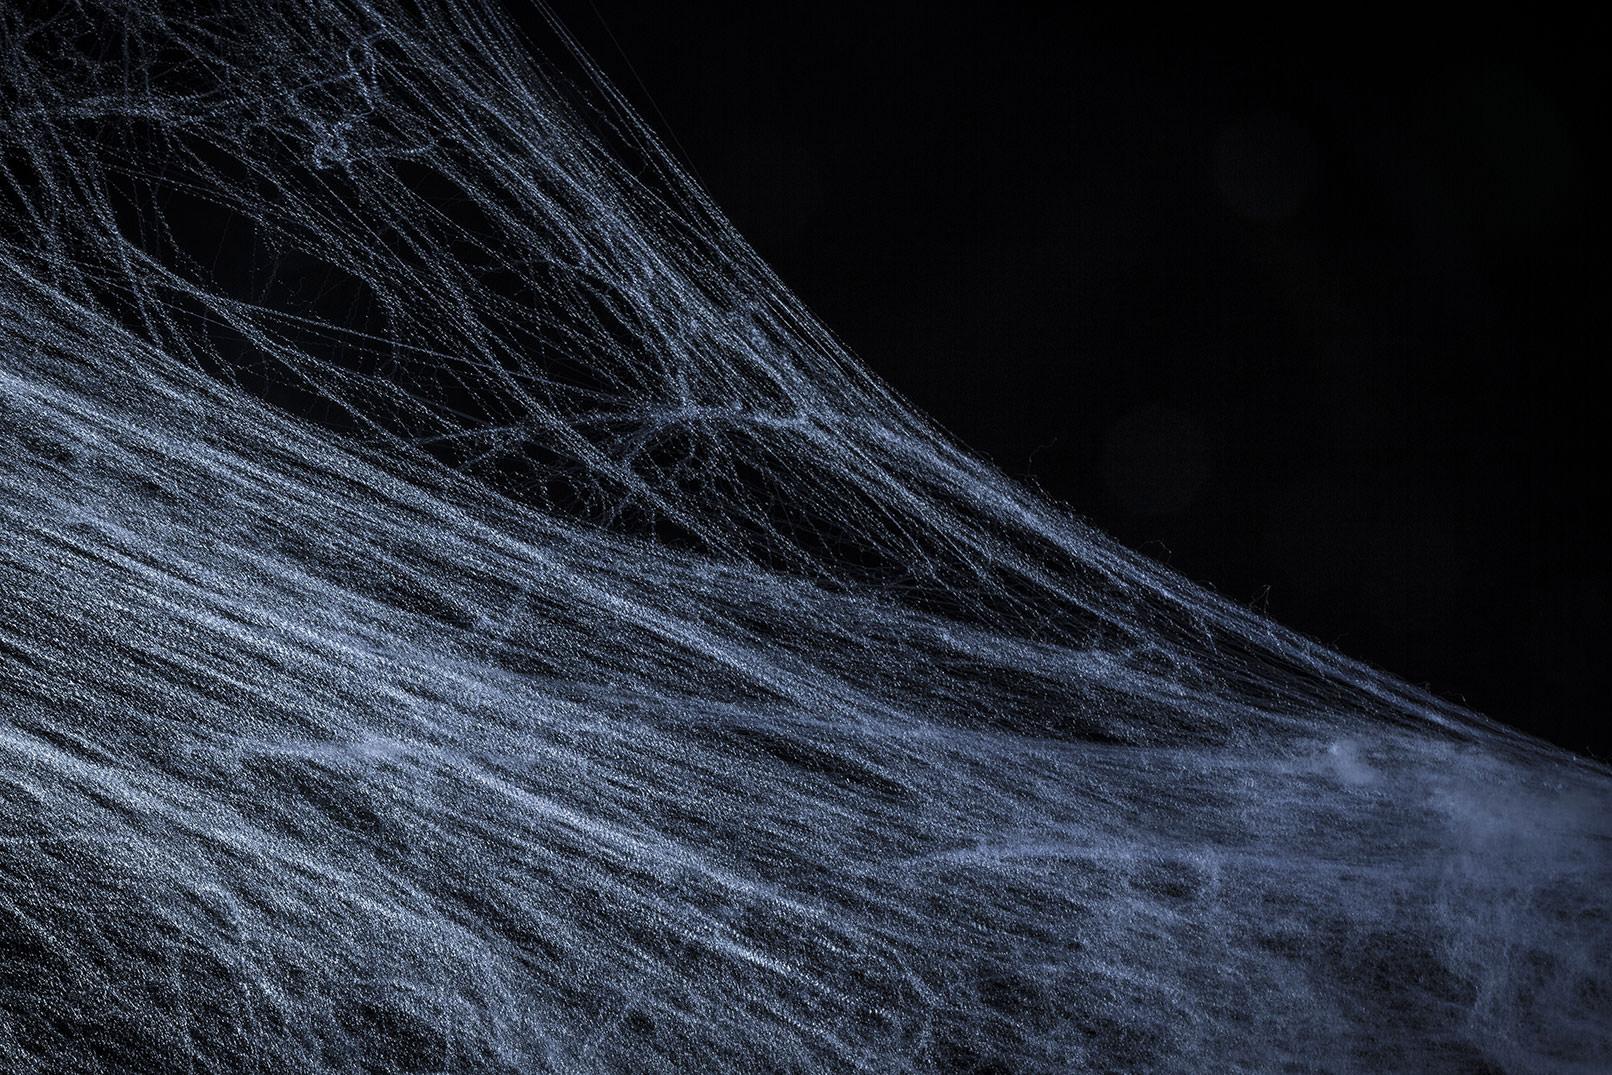 Spinnweben vor schwarzem Hintergrund als Vorlage für Composings